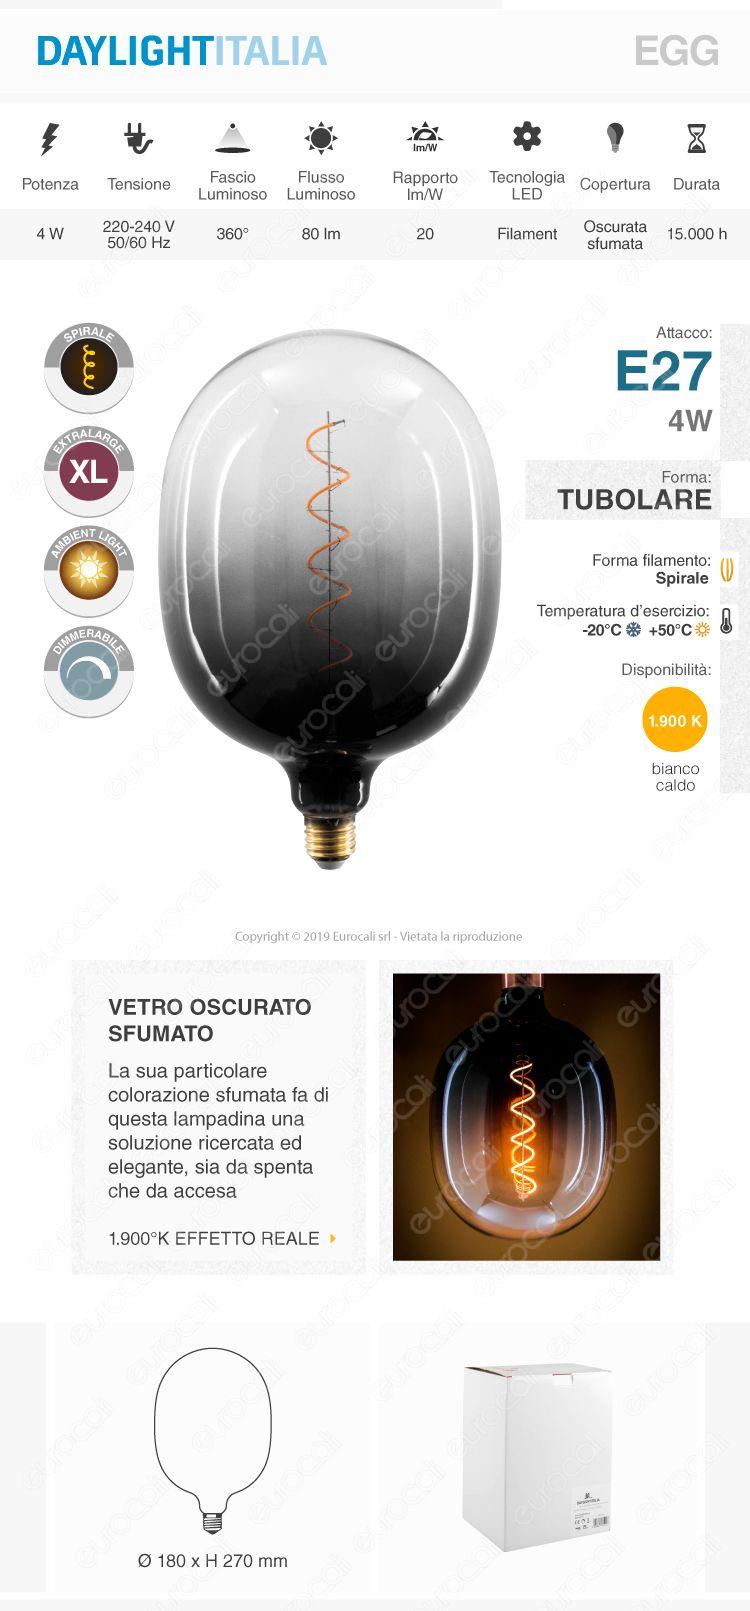 Daylight Lampadina E27 Filamento LED a Spirale 4W Tubolare XL con Vetro Nero Sfumato Dimmerabile